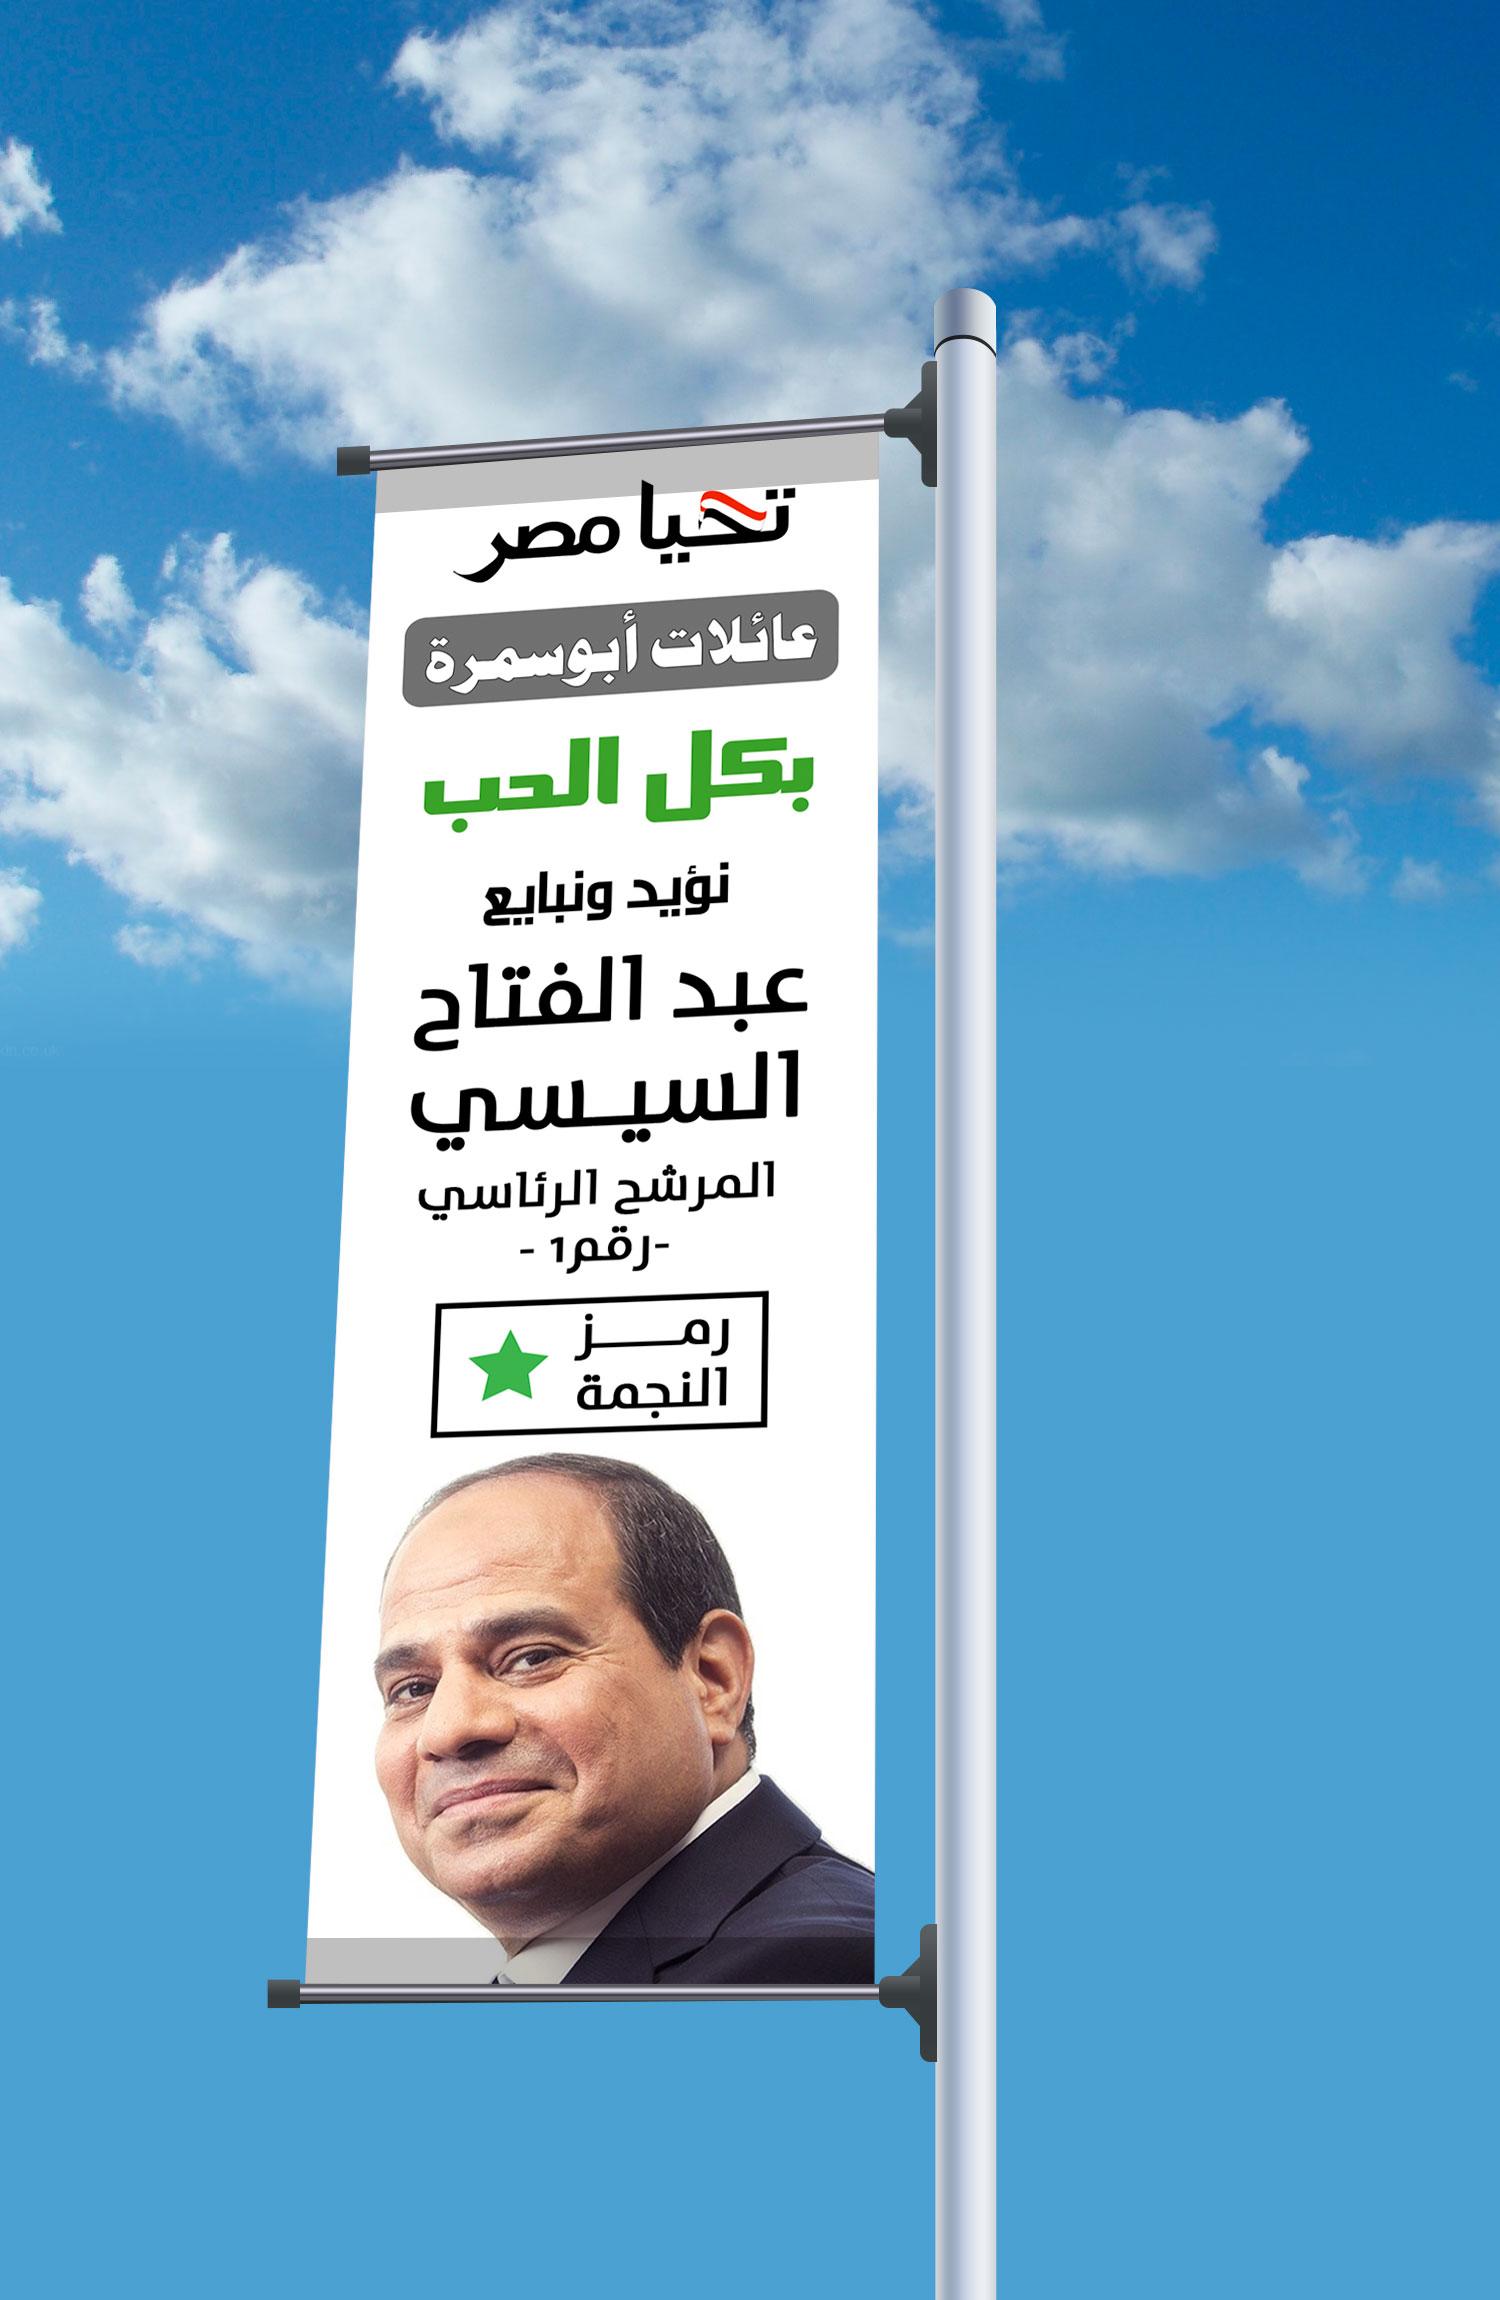 تصاميم تحيا مصر السيسي تصاميم حمله تأييد السيسي   تحيا مصر